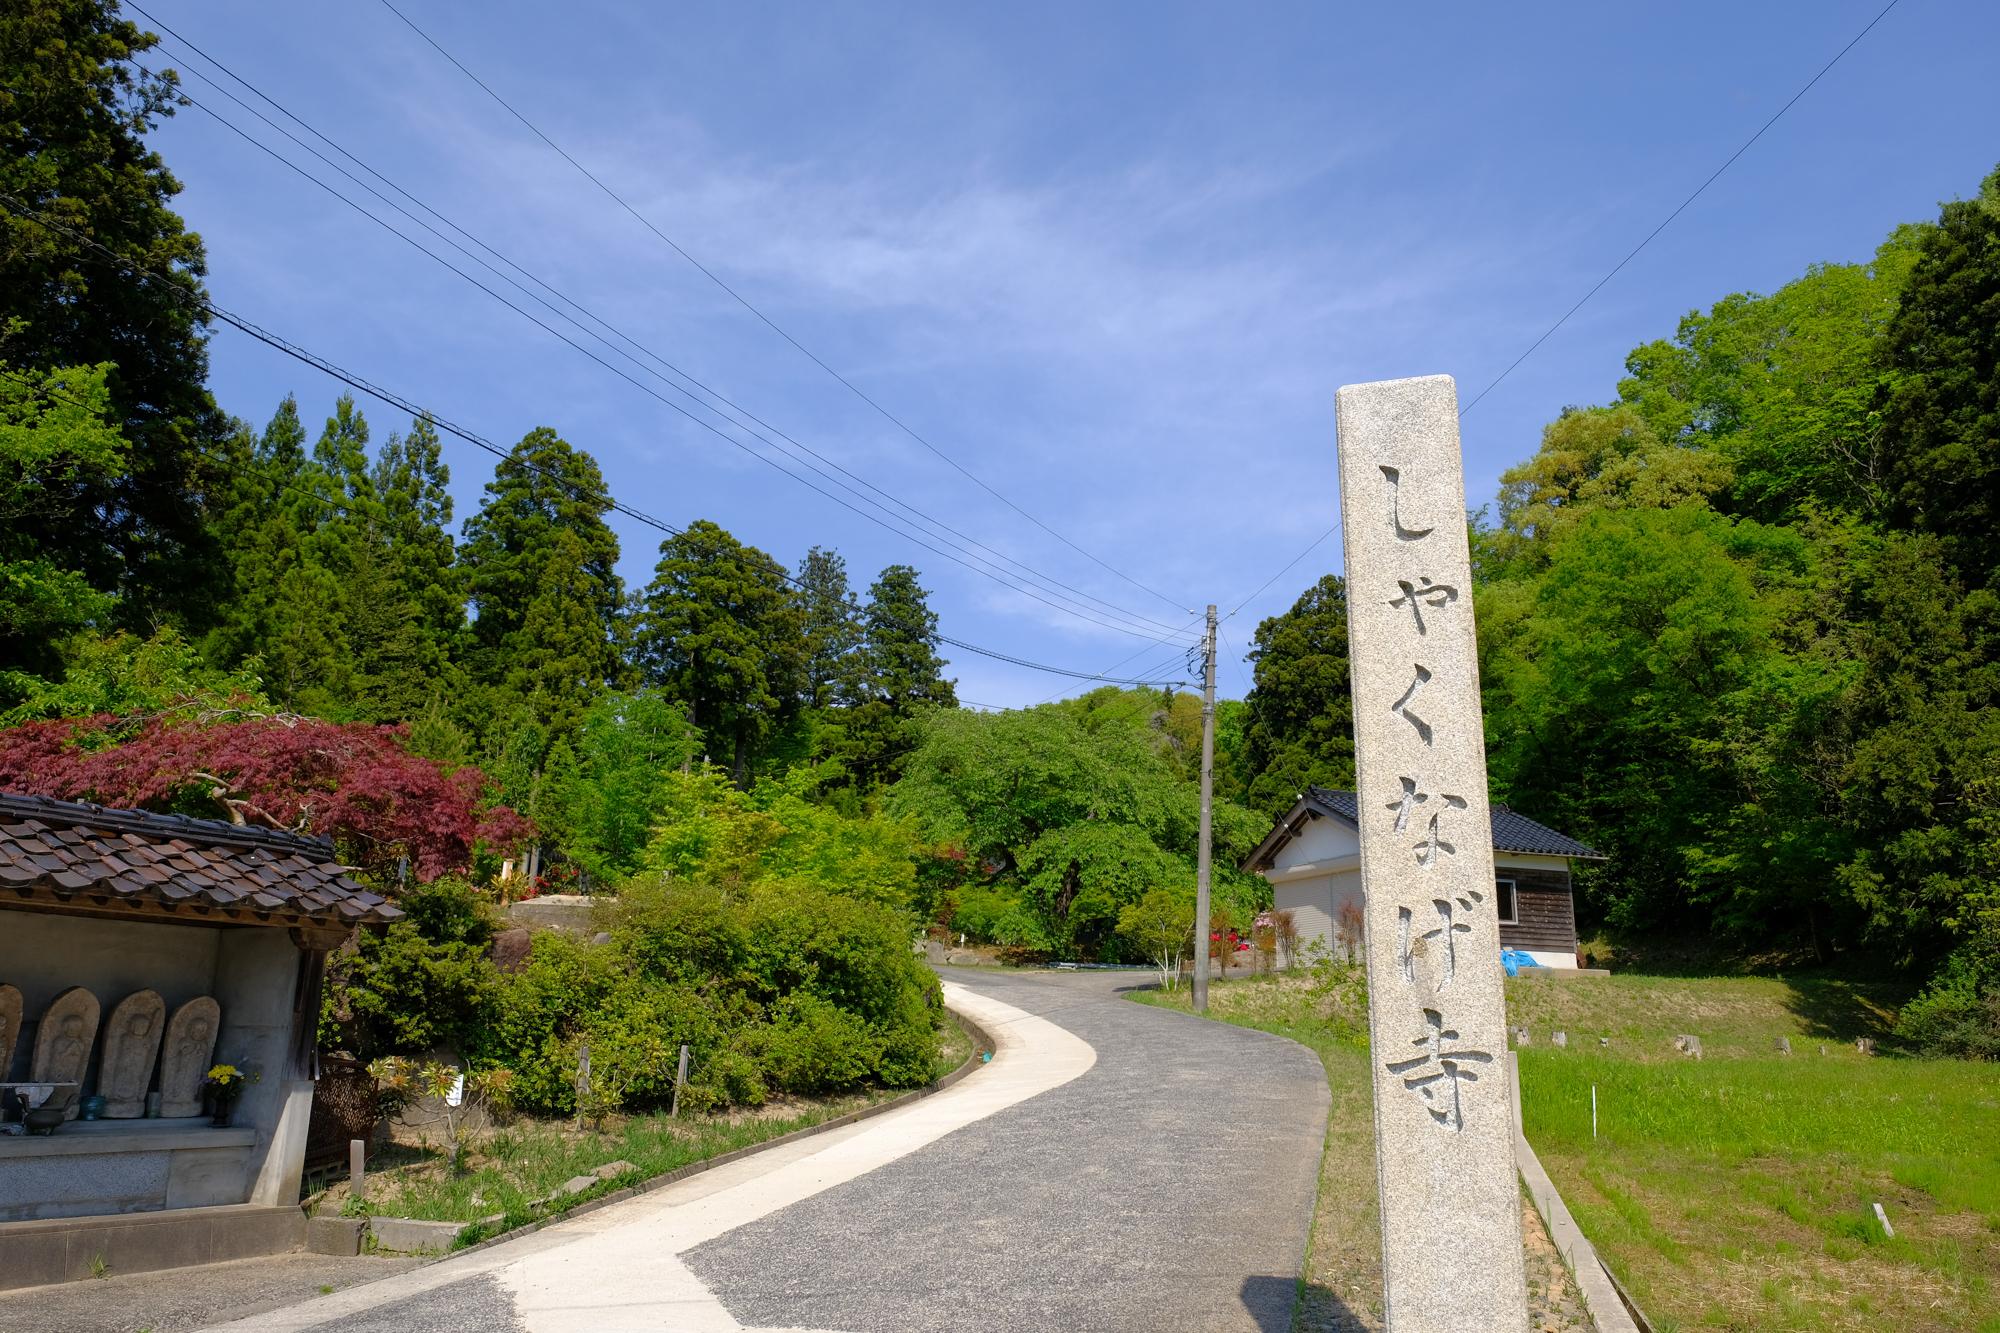 f:id:asanokawa:20190513200752j:plain